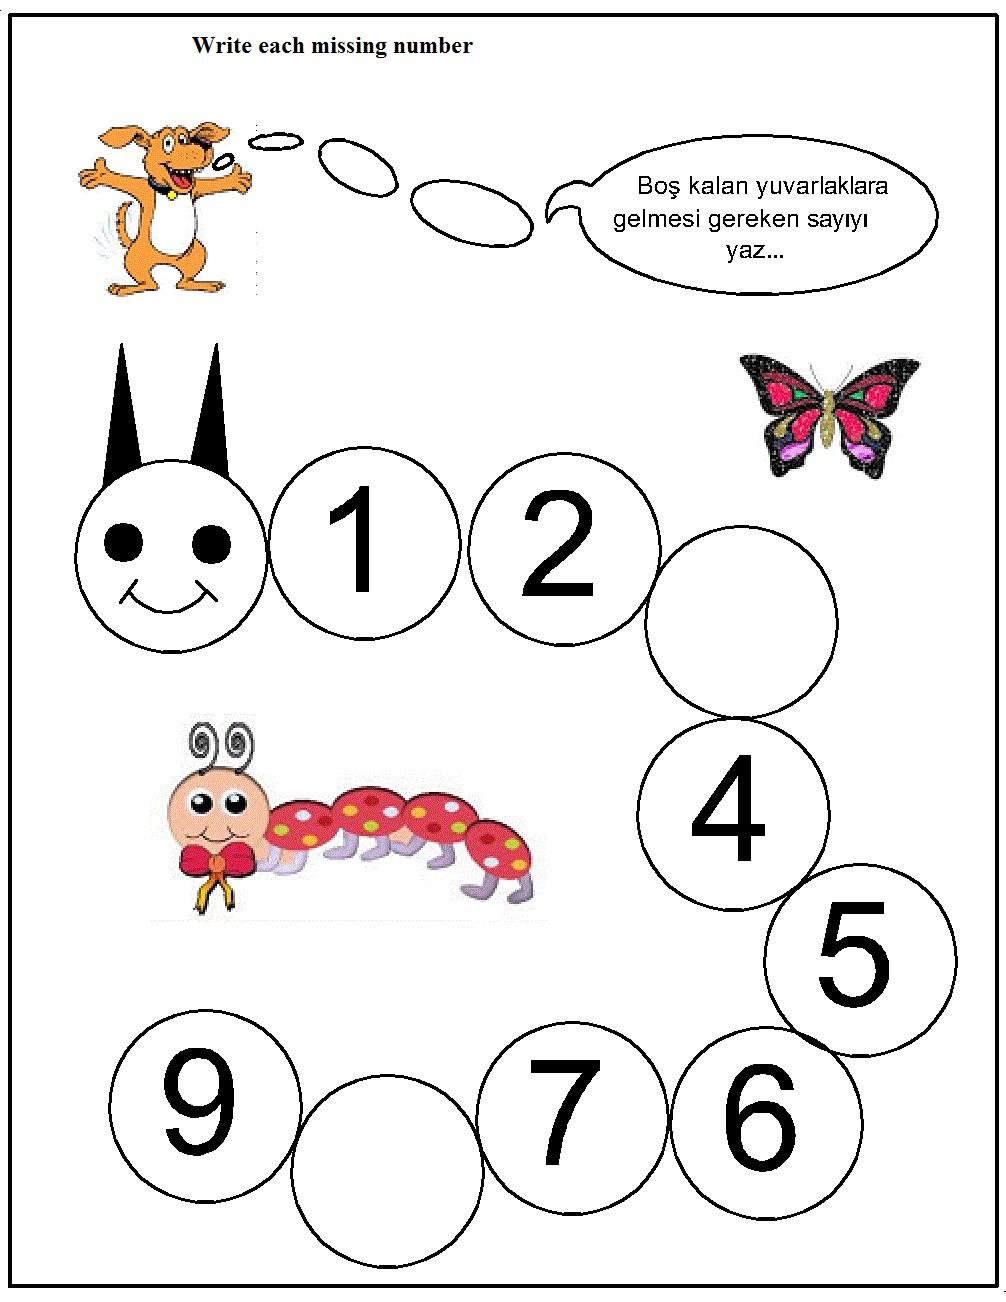 missing number worksheet for kids (3)